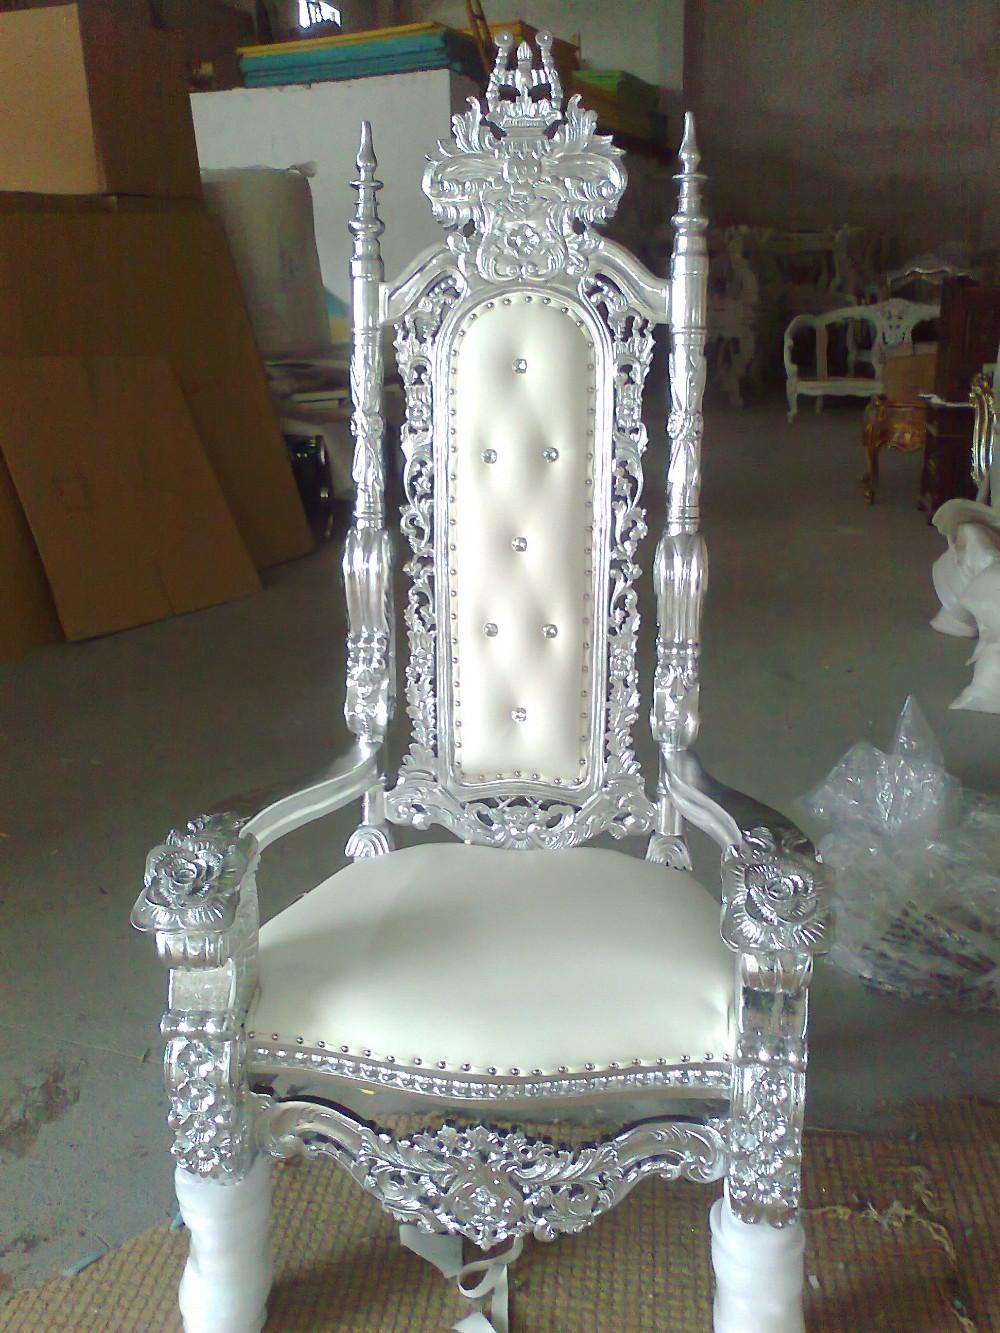 dossier haut baroque reine tr ne roi de chaises antiques id de produit 500007134053 french. Black Bedroom Furniture Sets. Home Design Ideas